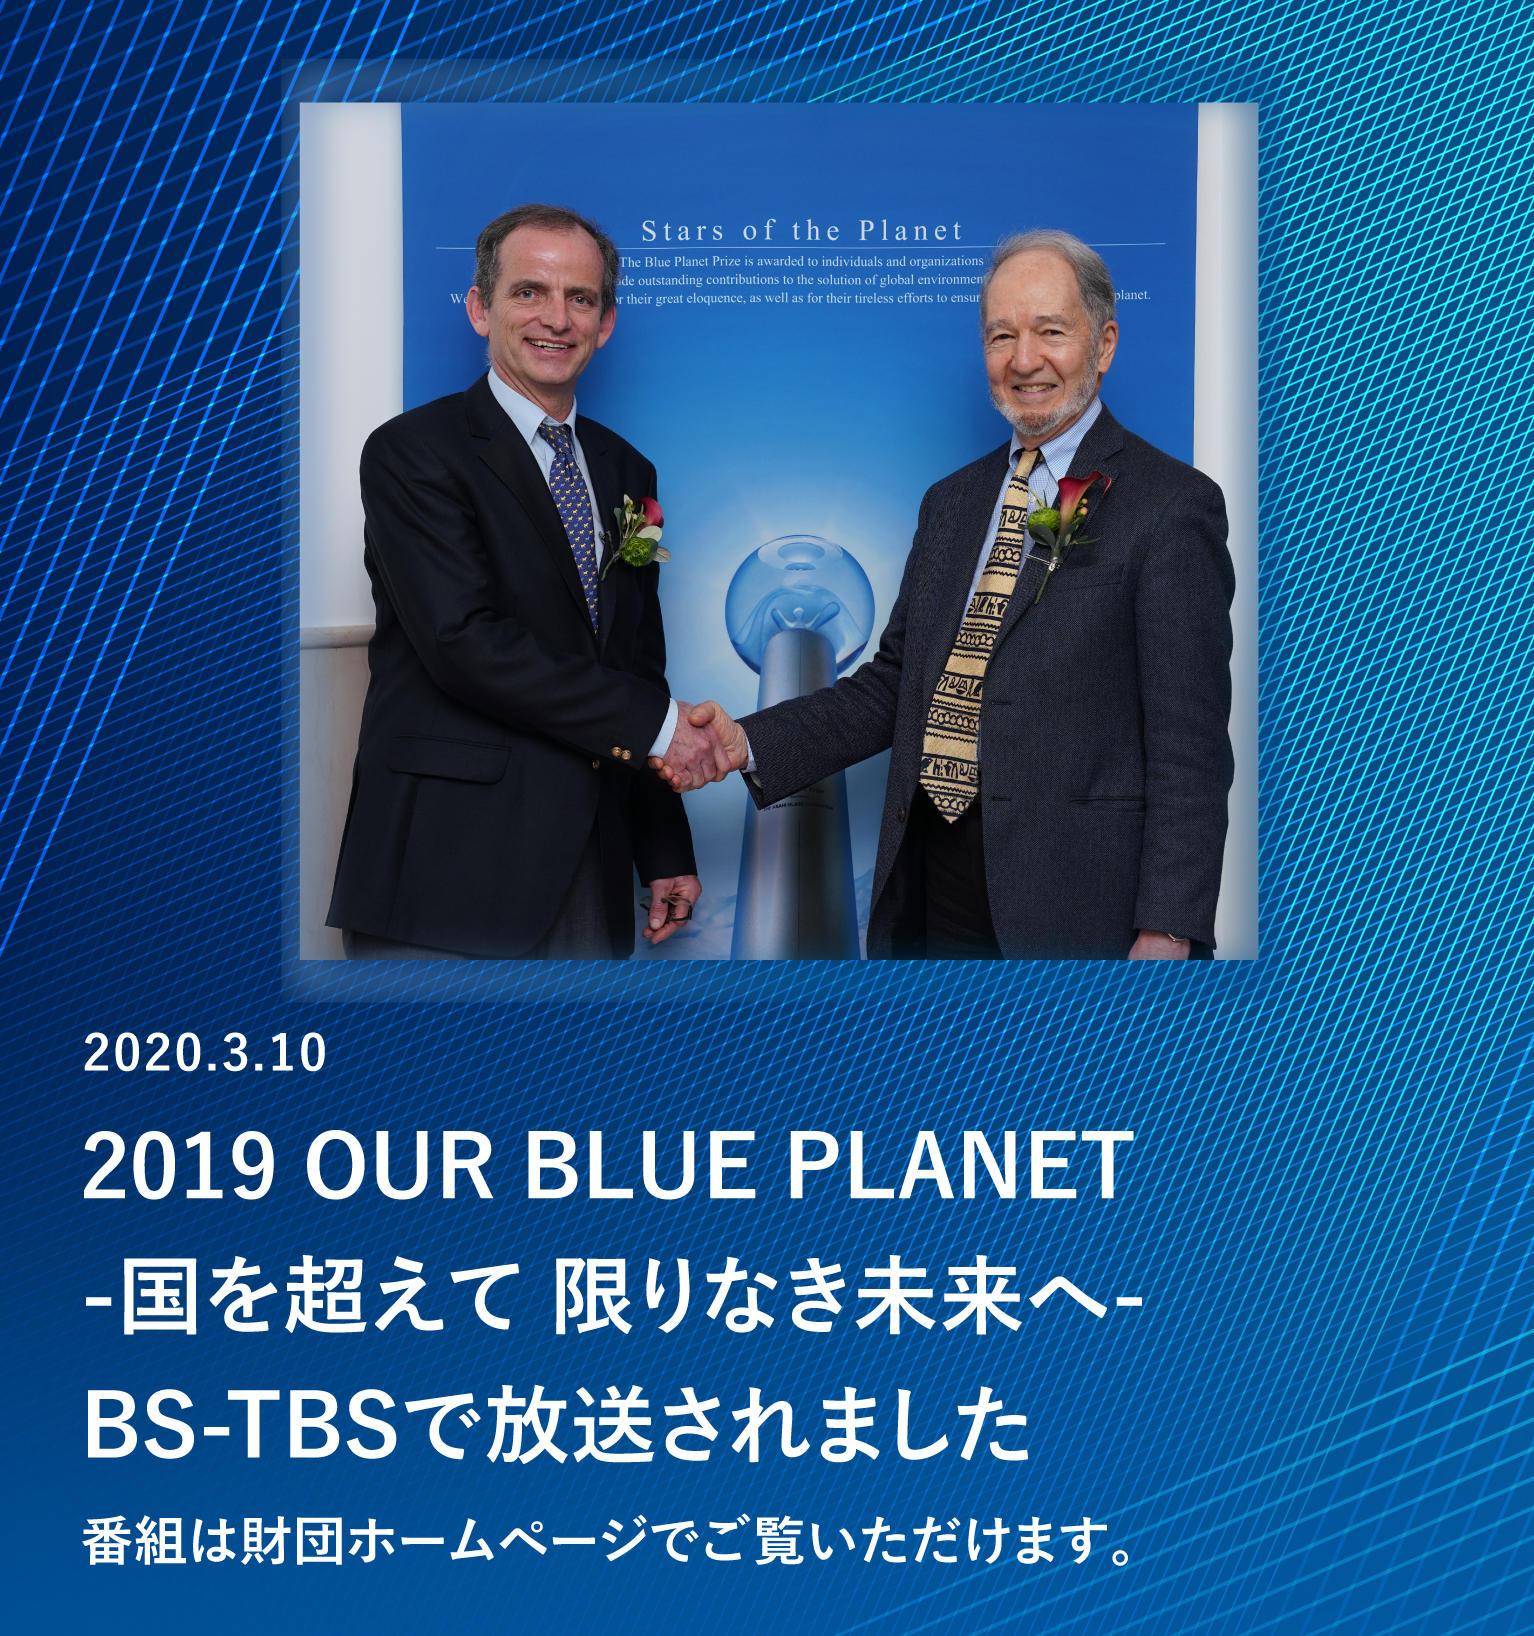 【番組放送】2/29 BS-TBSでOUR BLUE PLANETが 放送されました